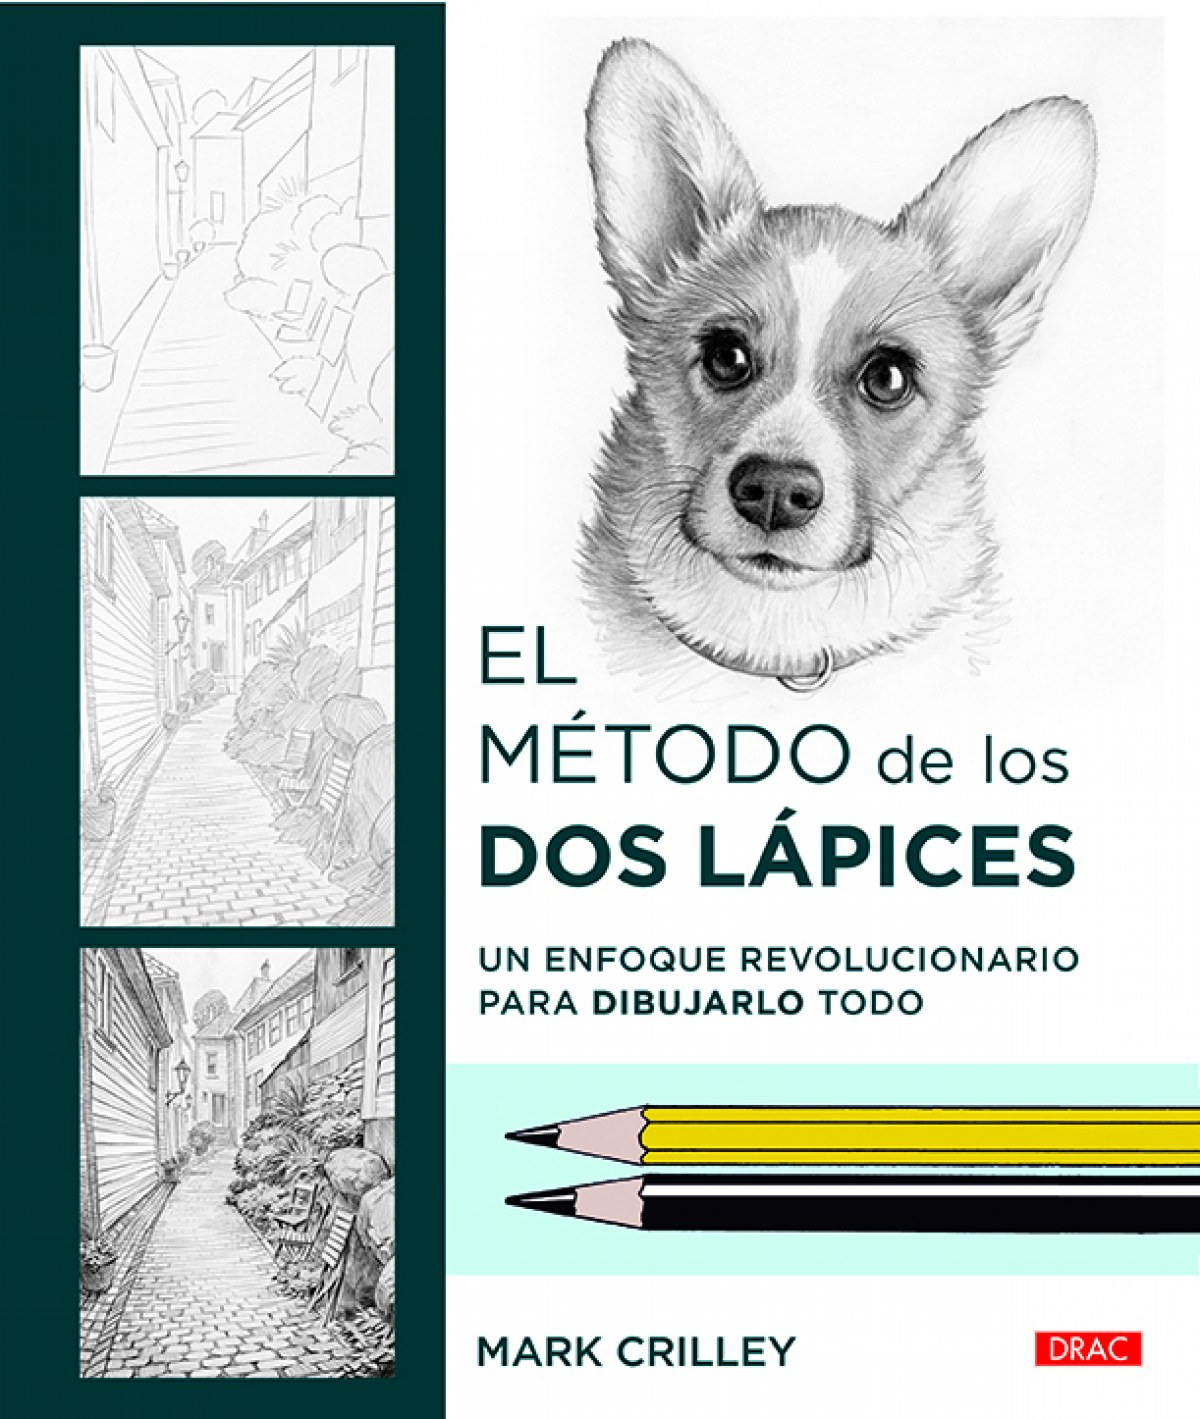 EL MÉTODO DE LOS DOS LÁPICES 9788498746327